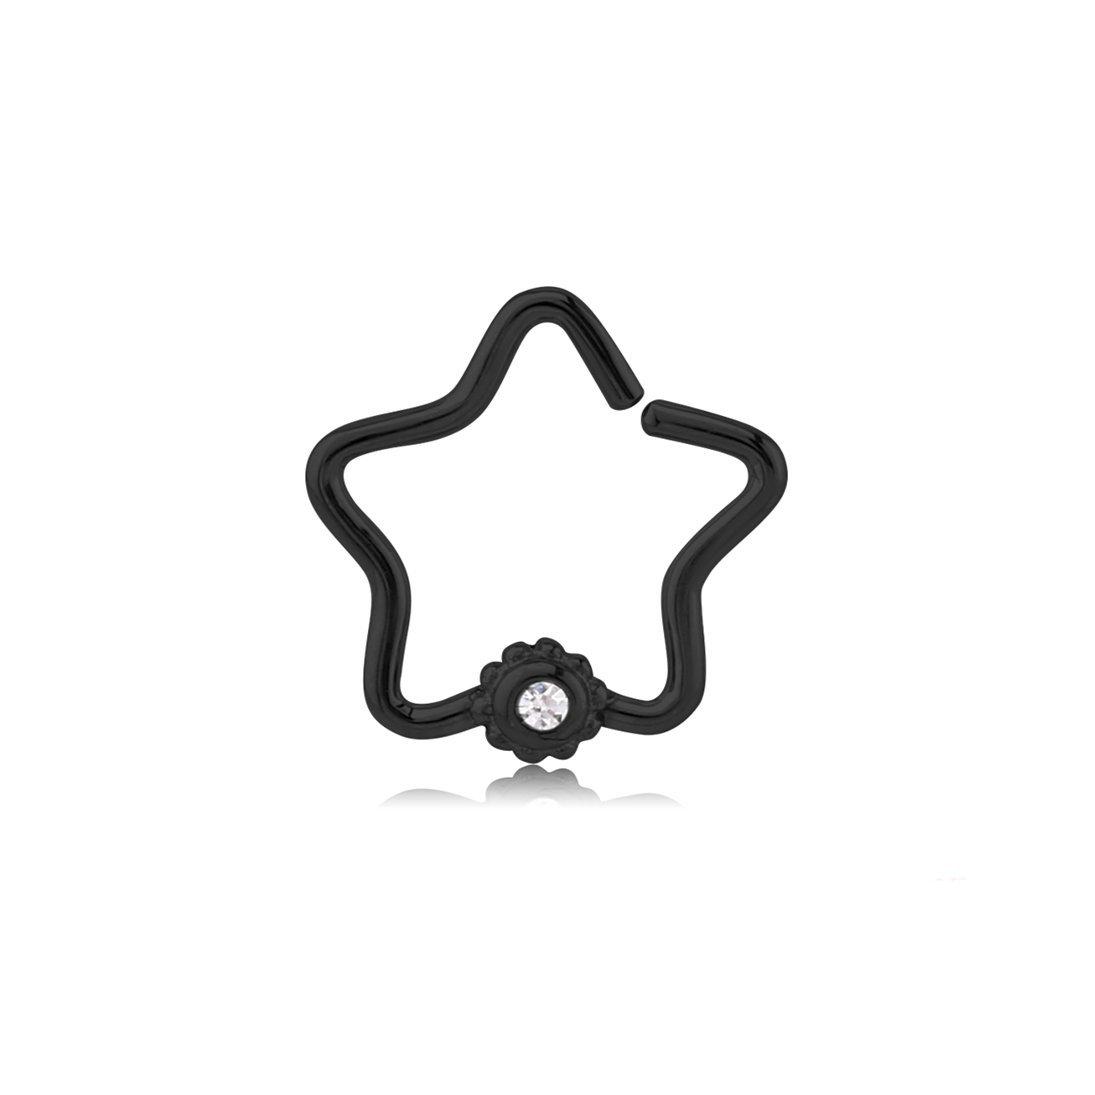 El morro clipart svg royalty free download Amazon.com: El Morro Body Piercing Jewelry Black Surgical Steel Open ... svg royalty free download